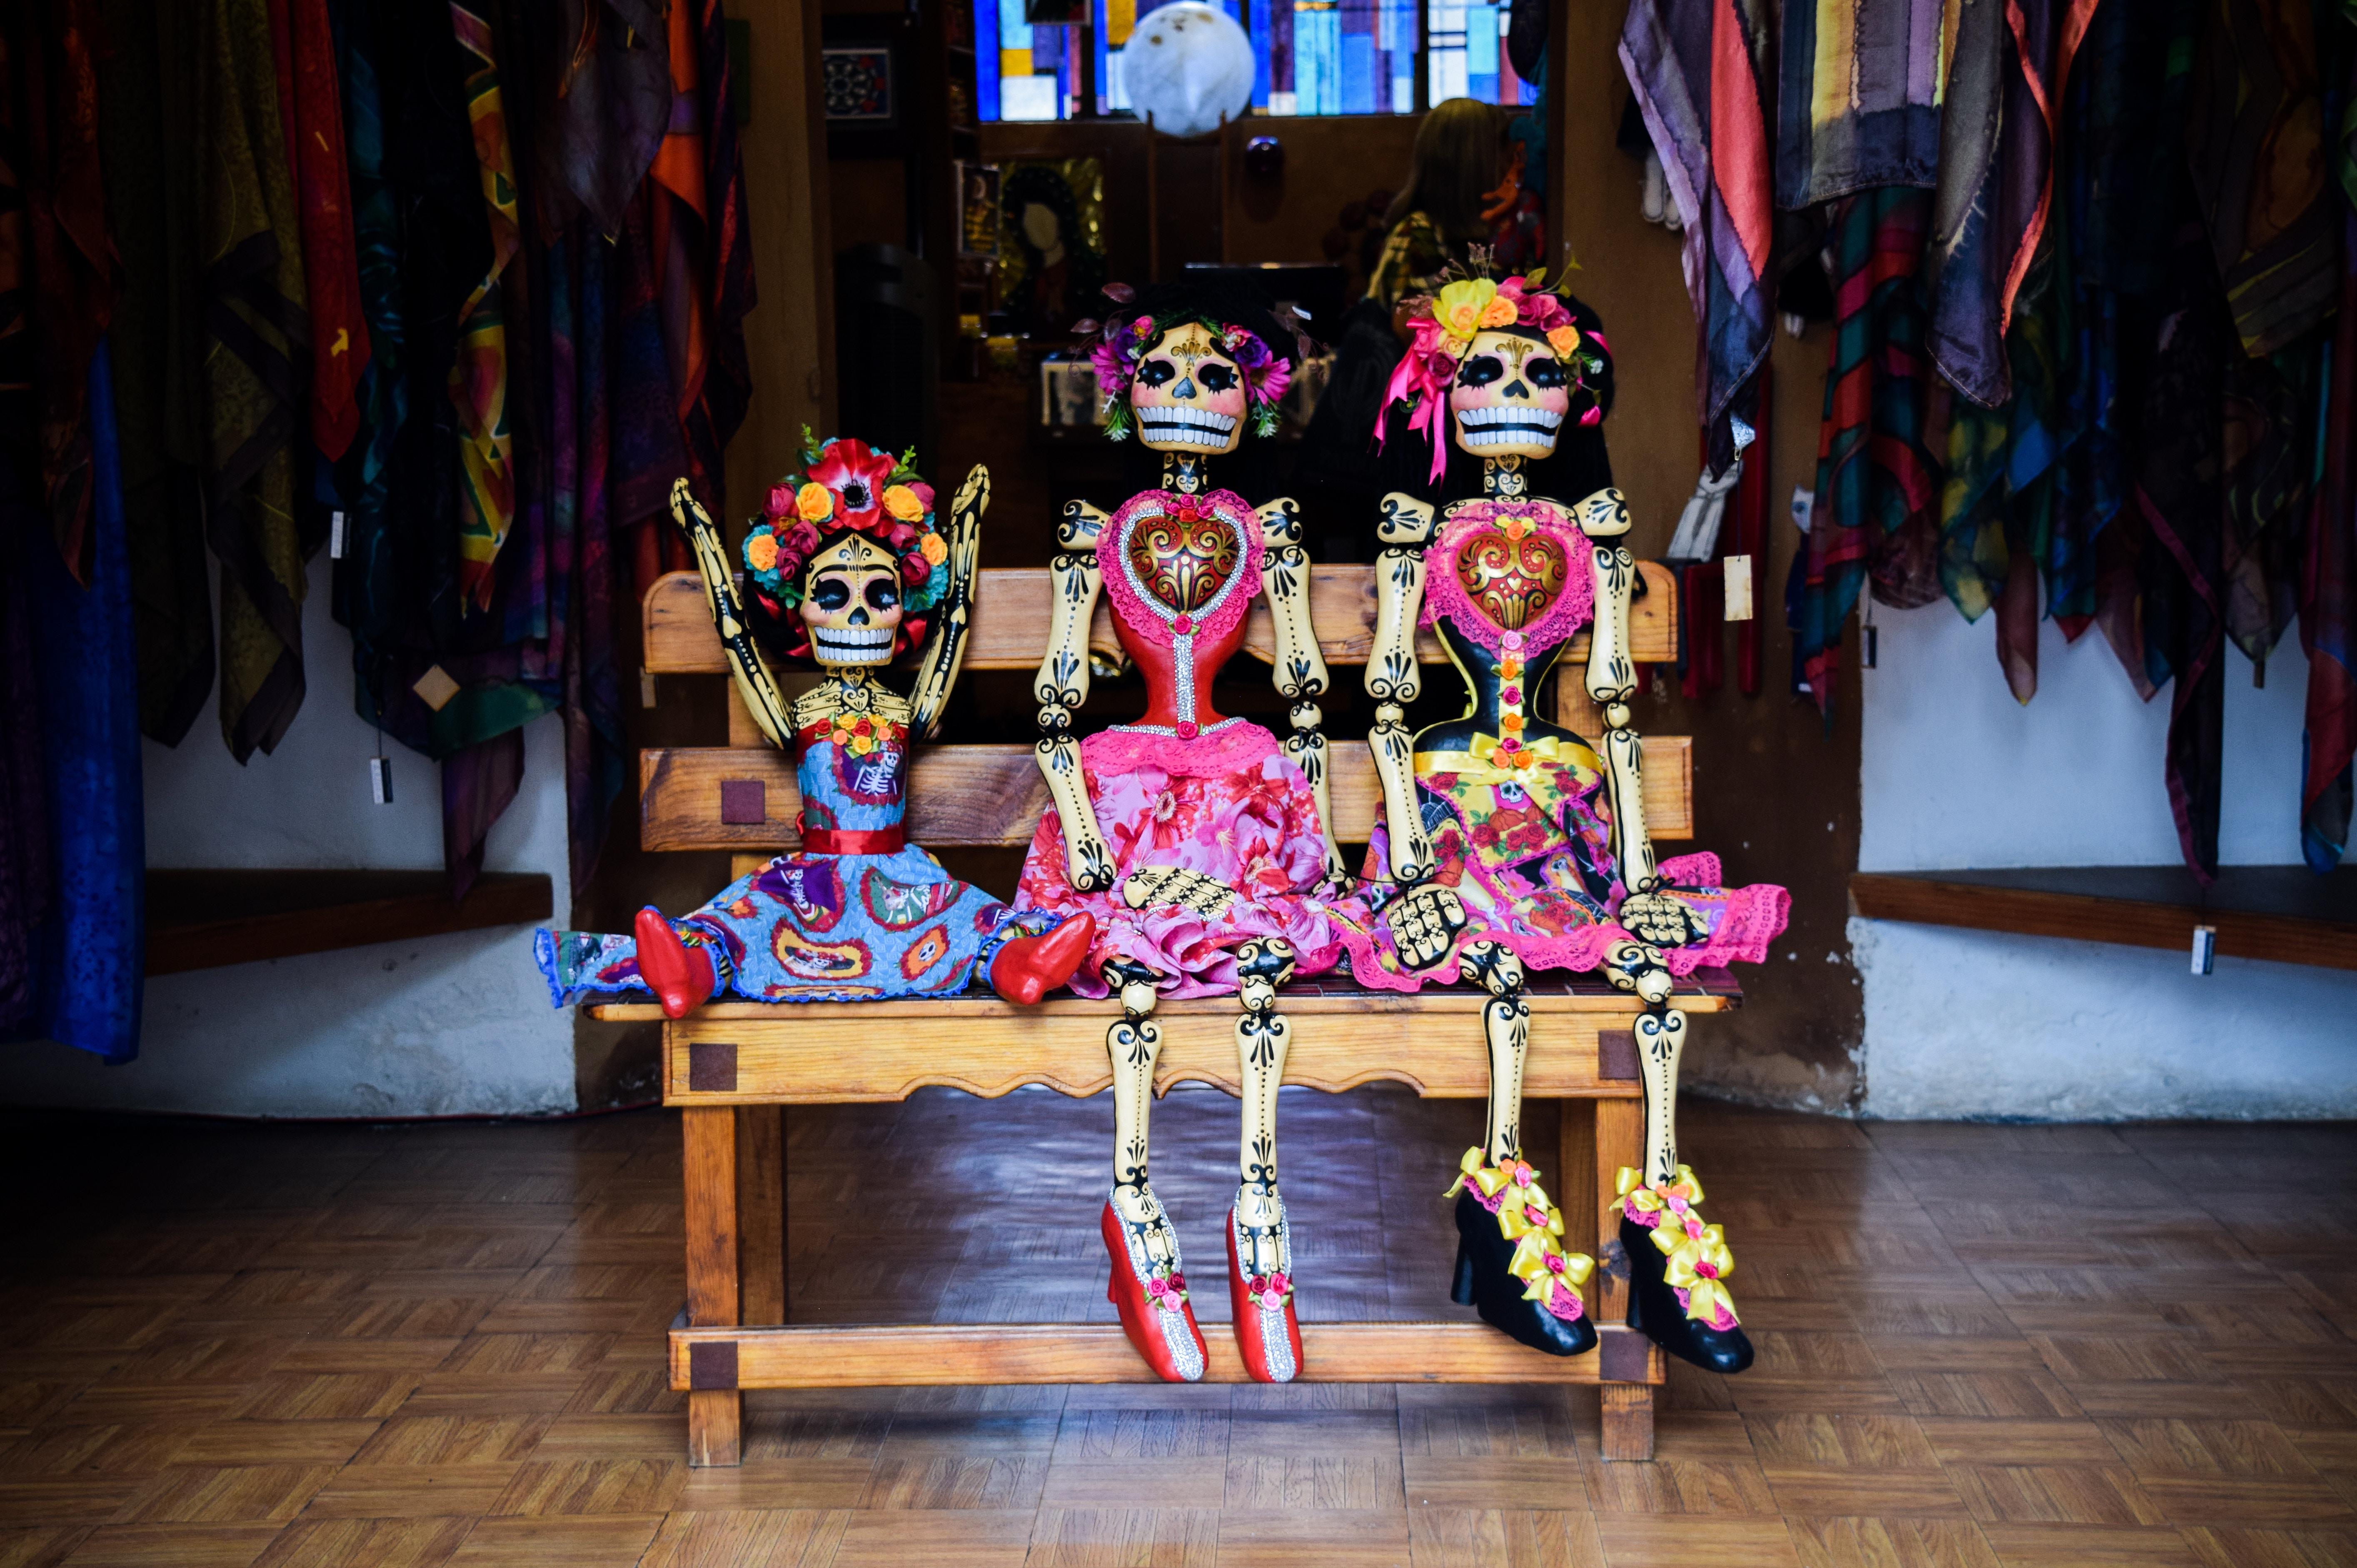 死者の日はメキシコの祝祭!カラフルな骸骨が溢れる珍しいお祭りを紹介!